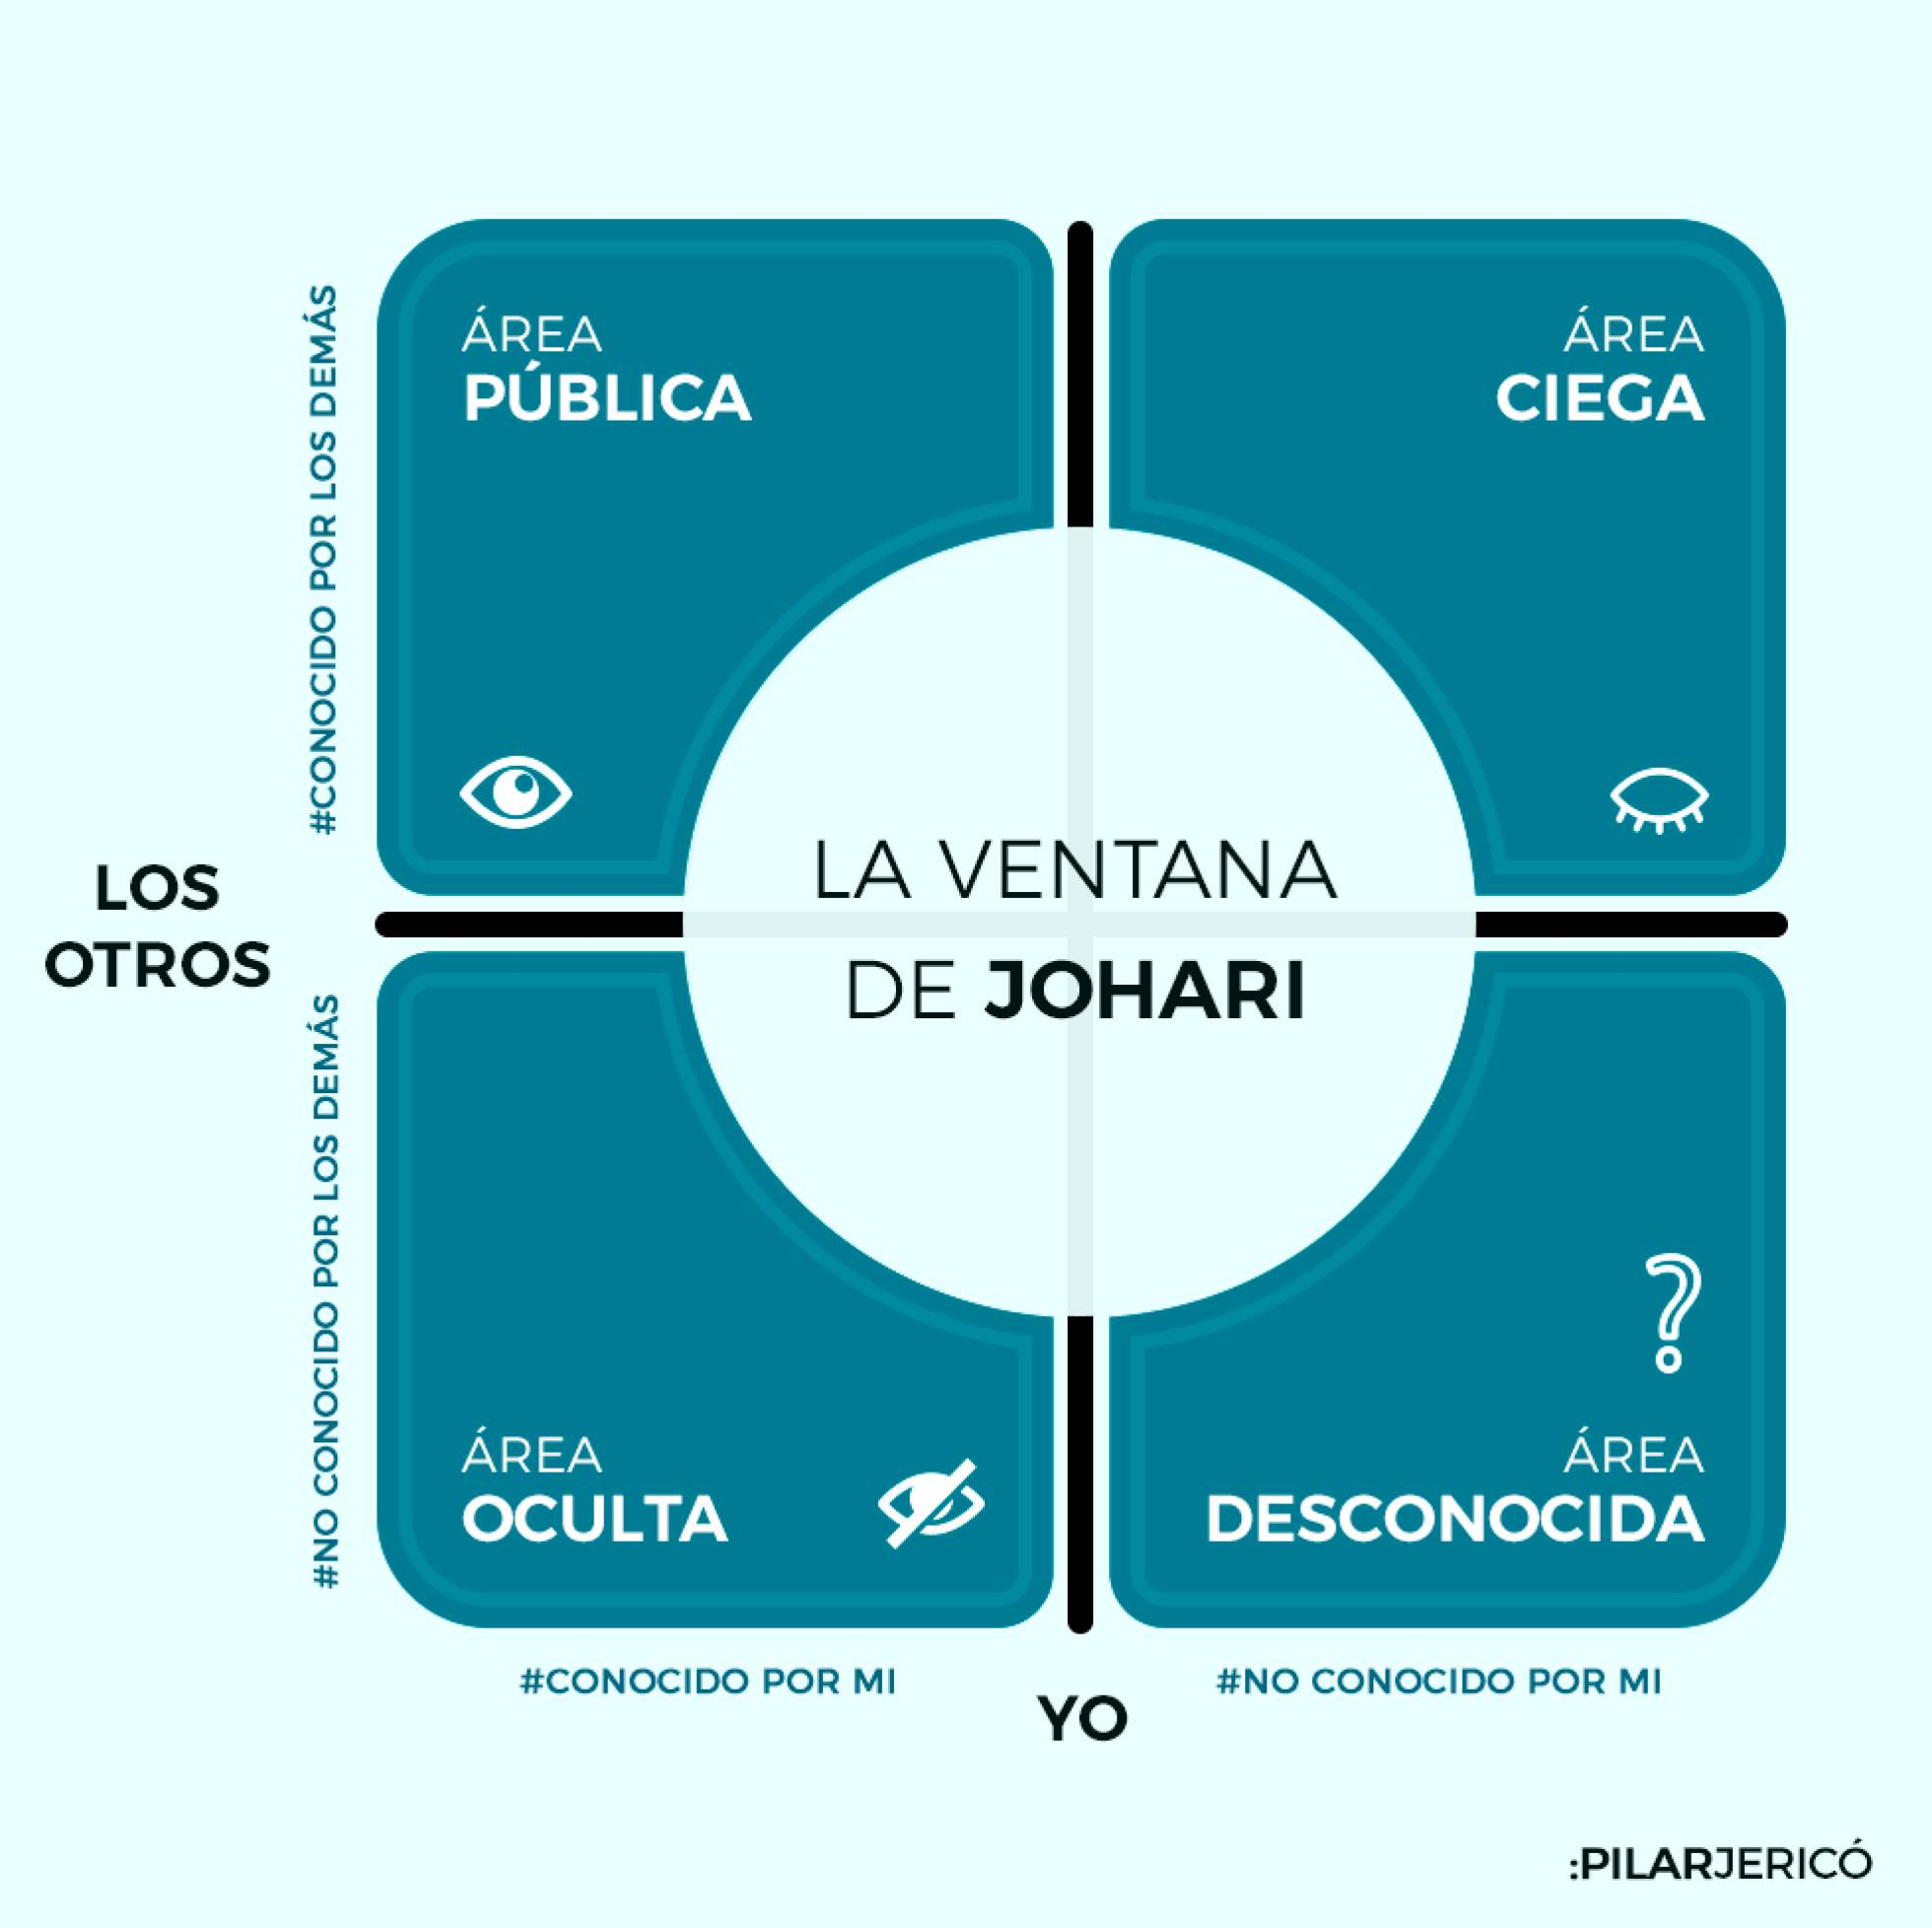 La ventana de Johari: cuánto te conoces?